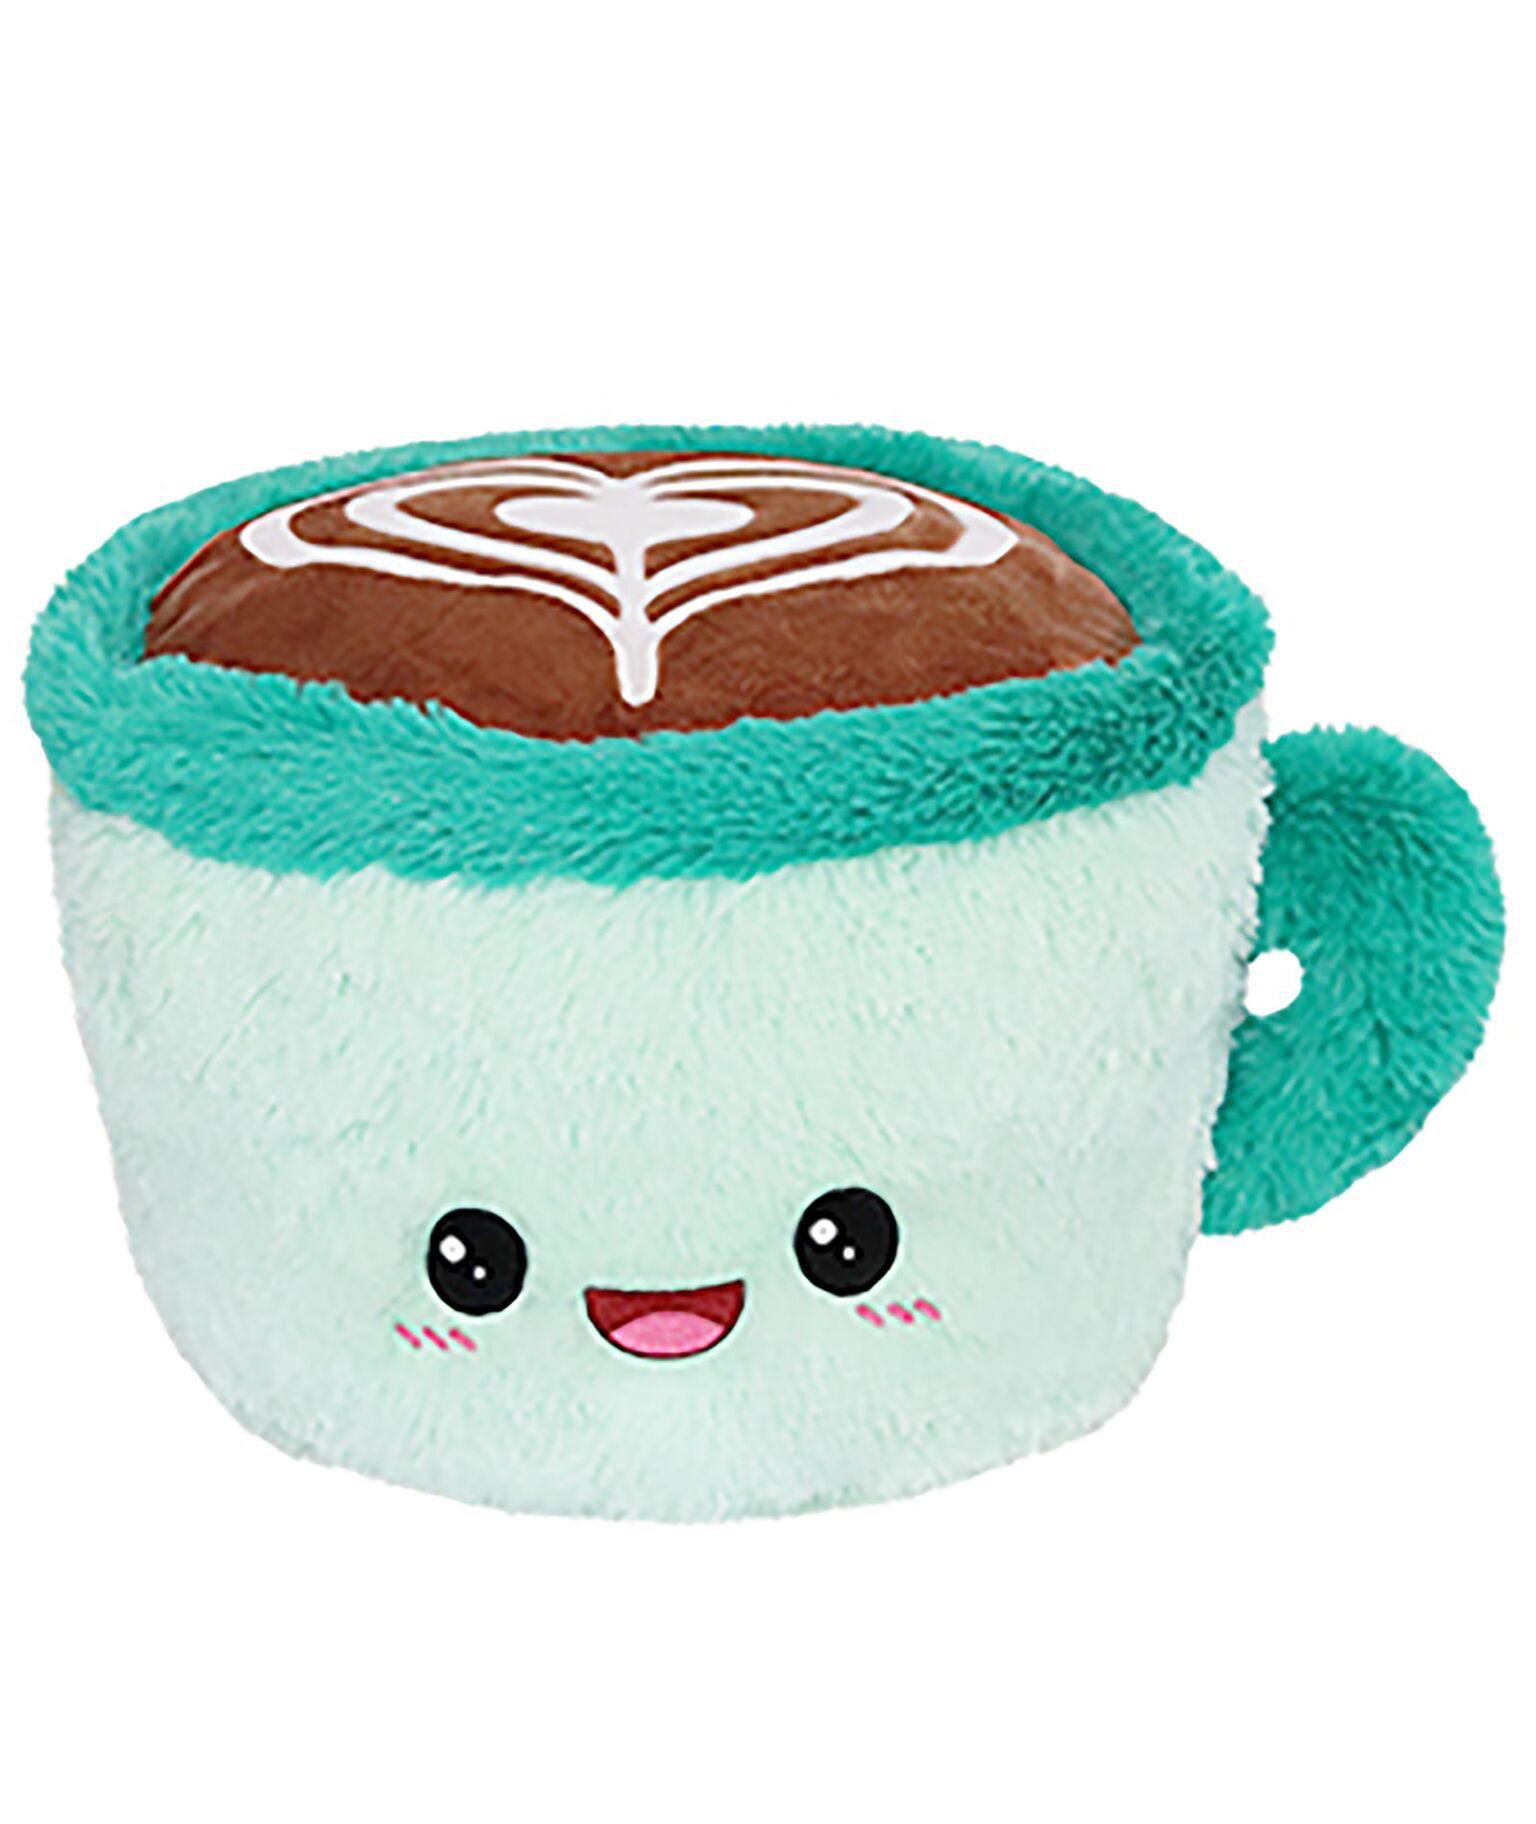 Squishable Comfort Latte